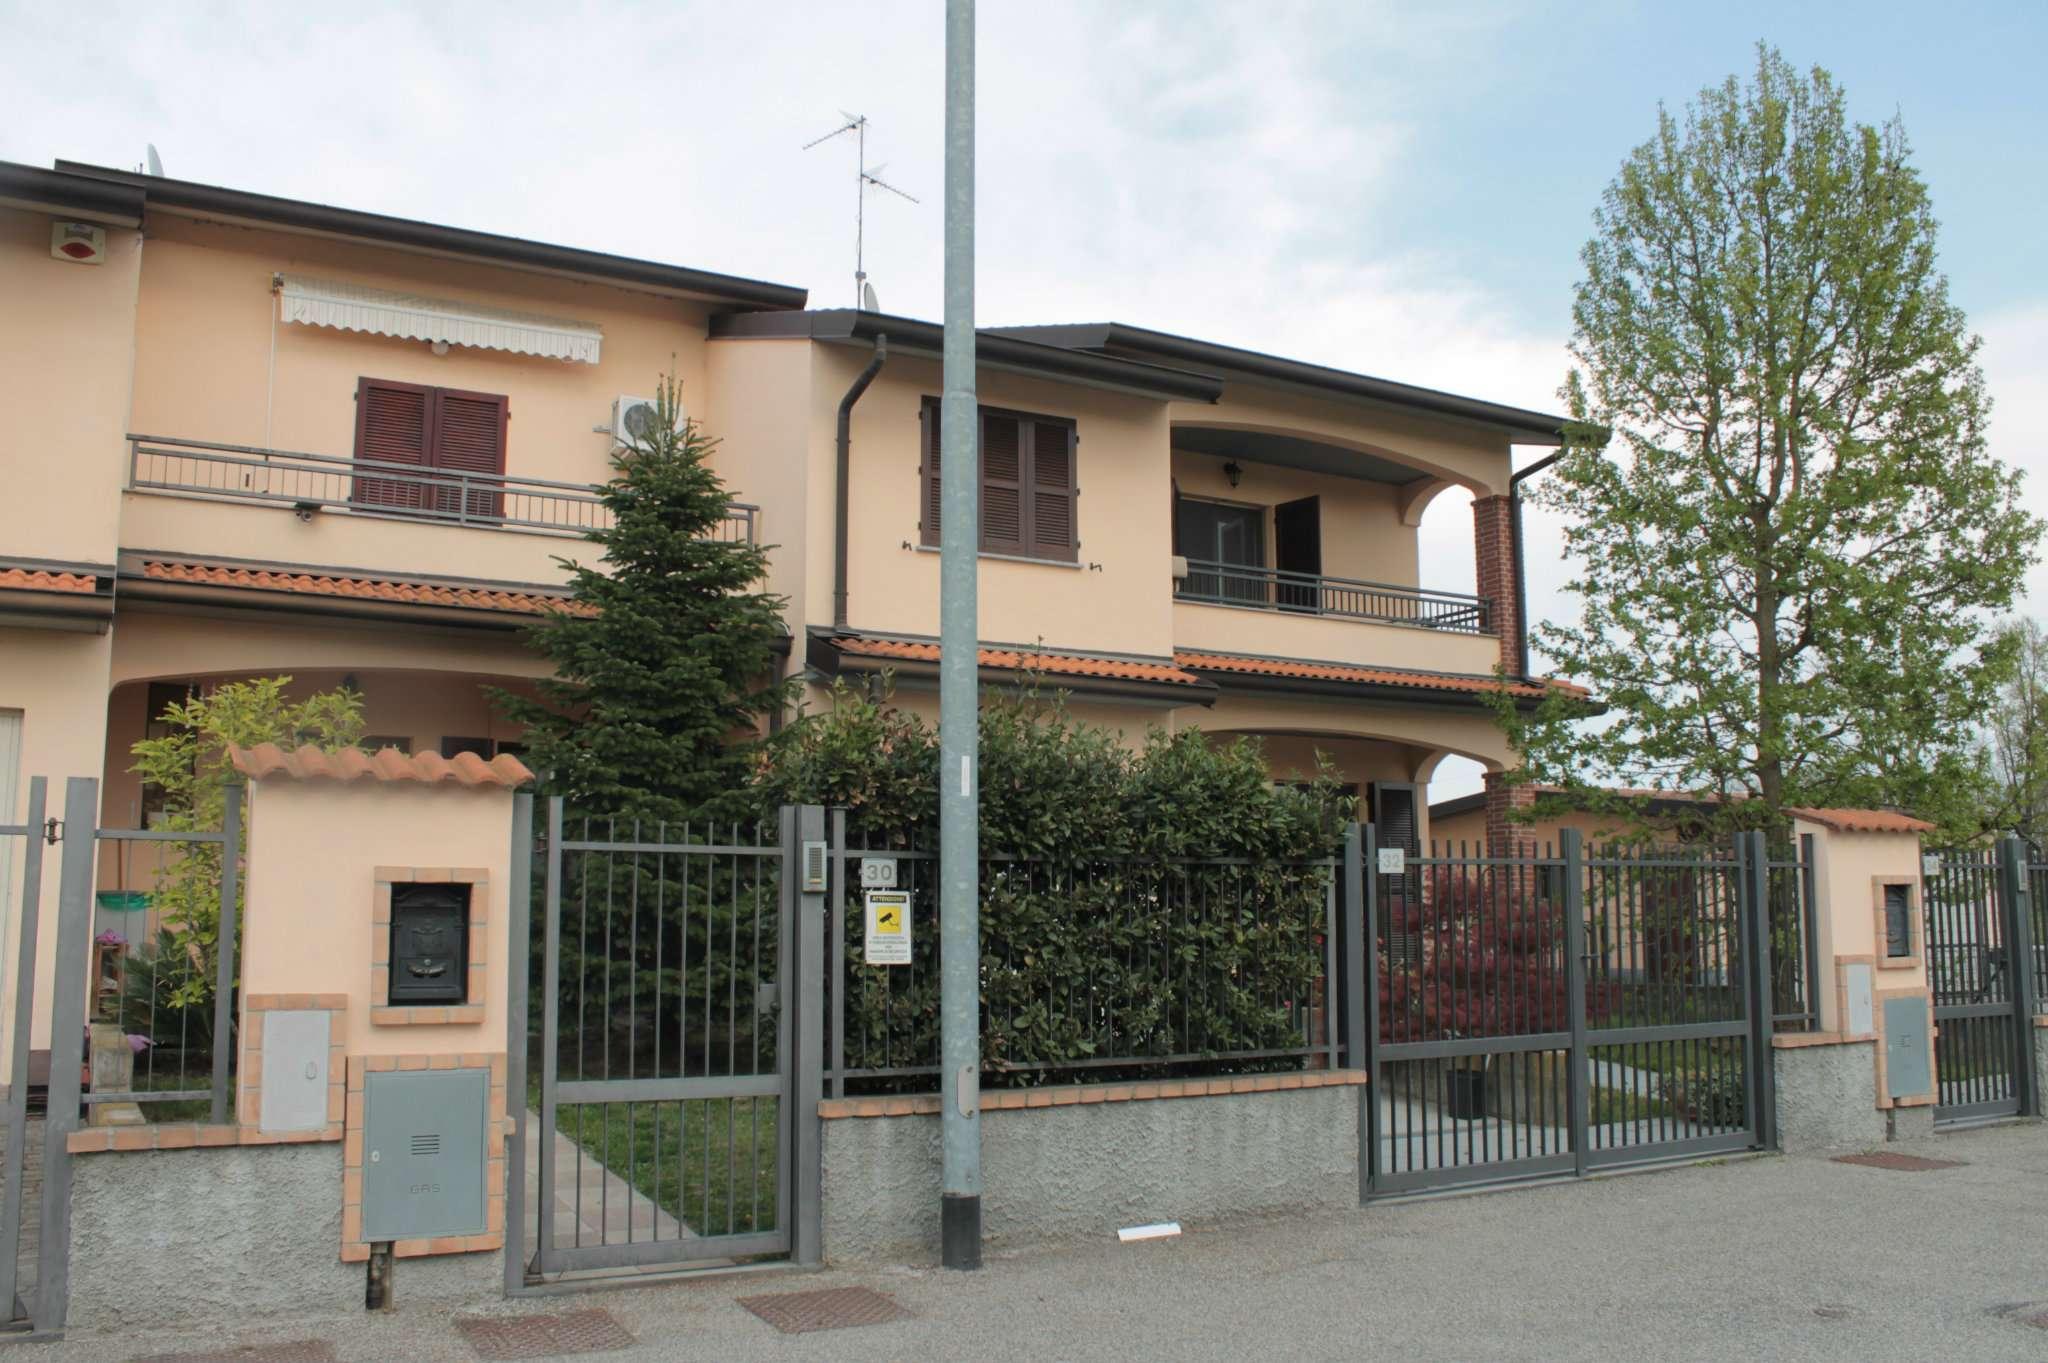 Villa a Schiera in vendita a Villanova d'Ardenghi, 5 locali, prezzo € 149.000 | PortaleAgenzieImmobiliari.it